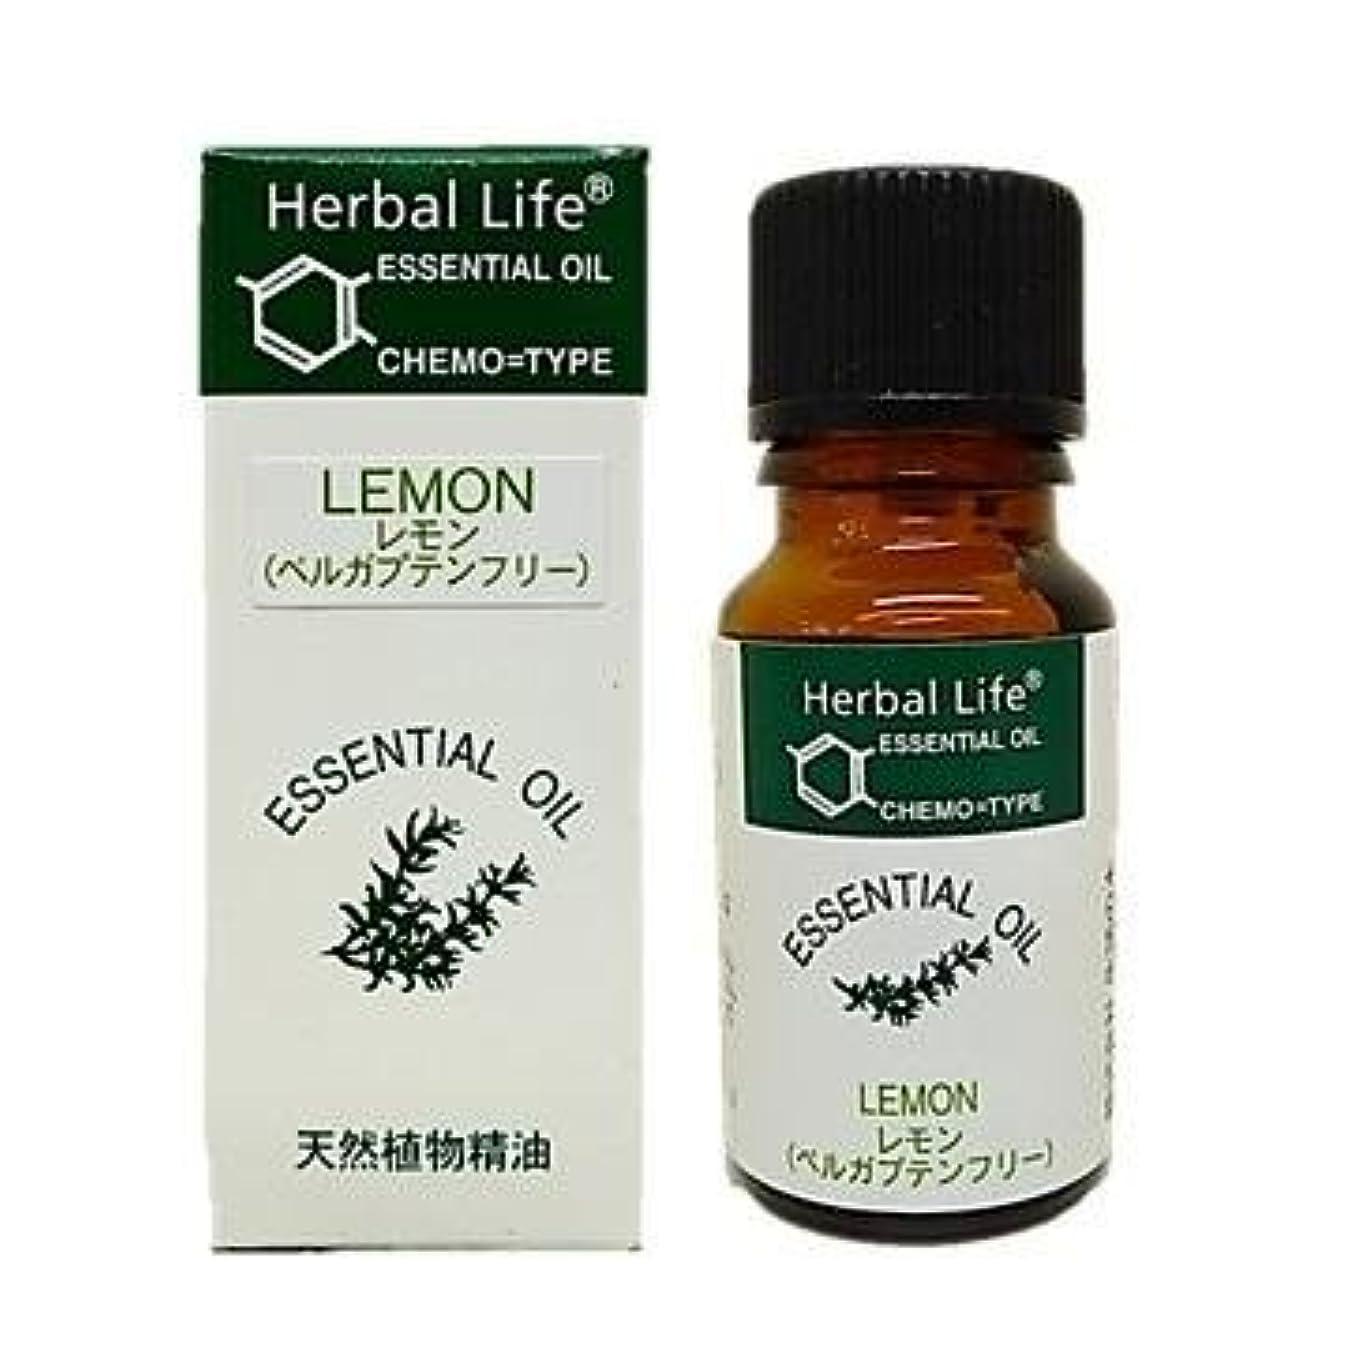 ライター安全チロ生活の木 レモン(フロクマリンフリー)10ml エッセンシャルオイル/精油